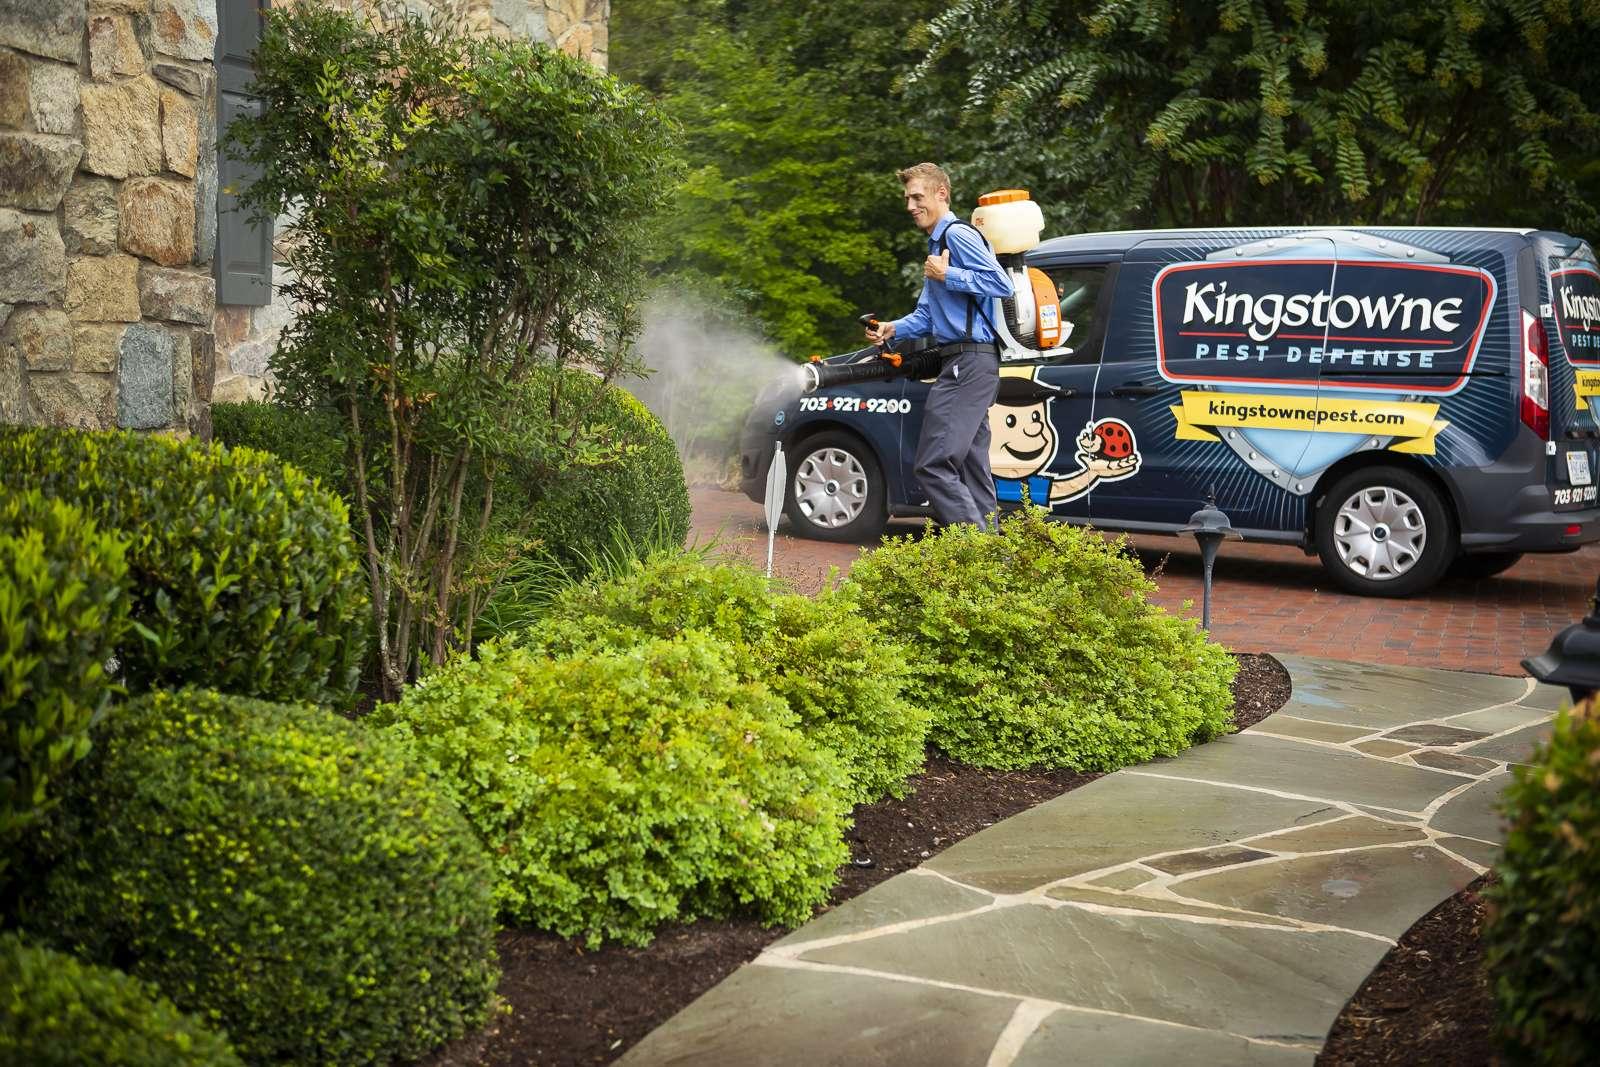 Grant Osvalds working for Kingstowne Pest Defense